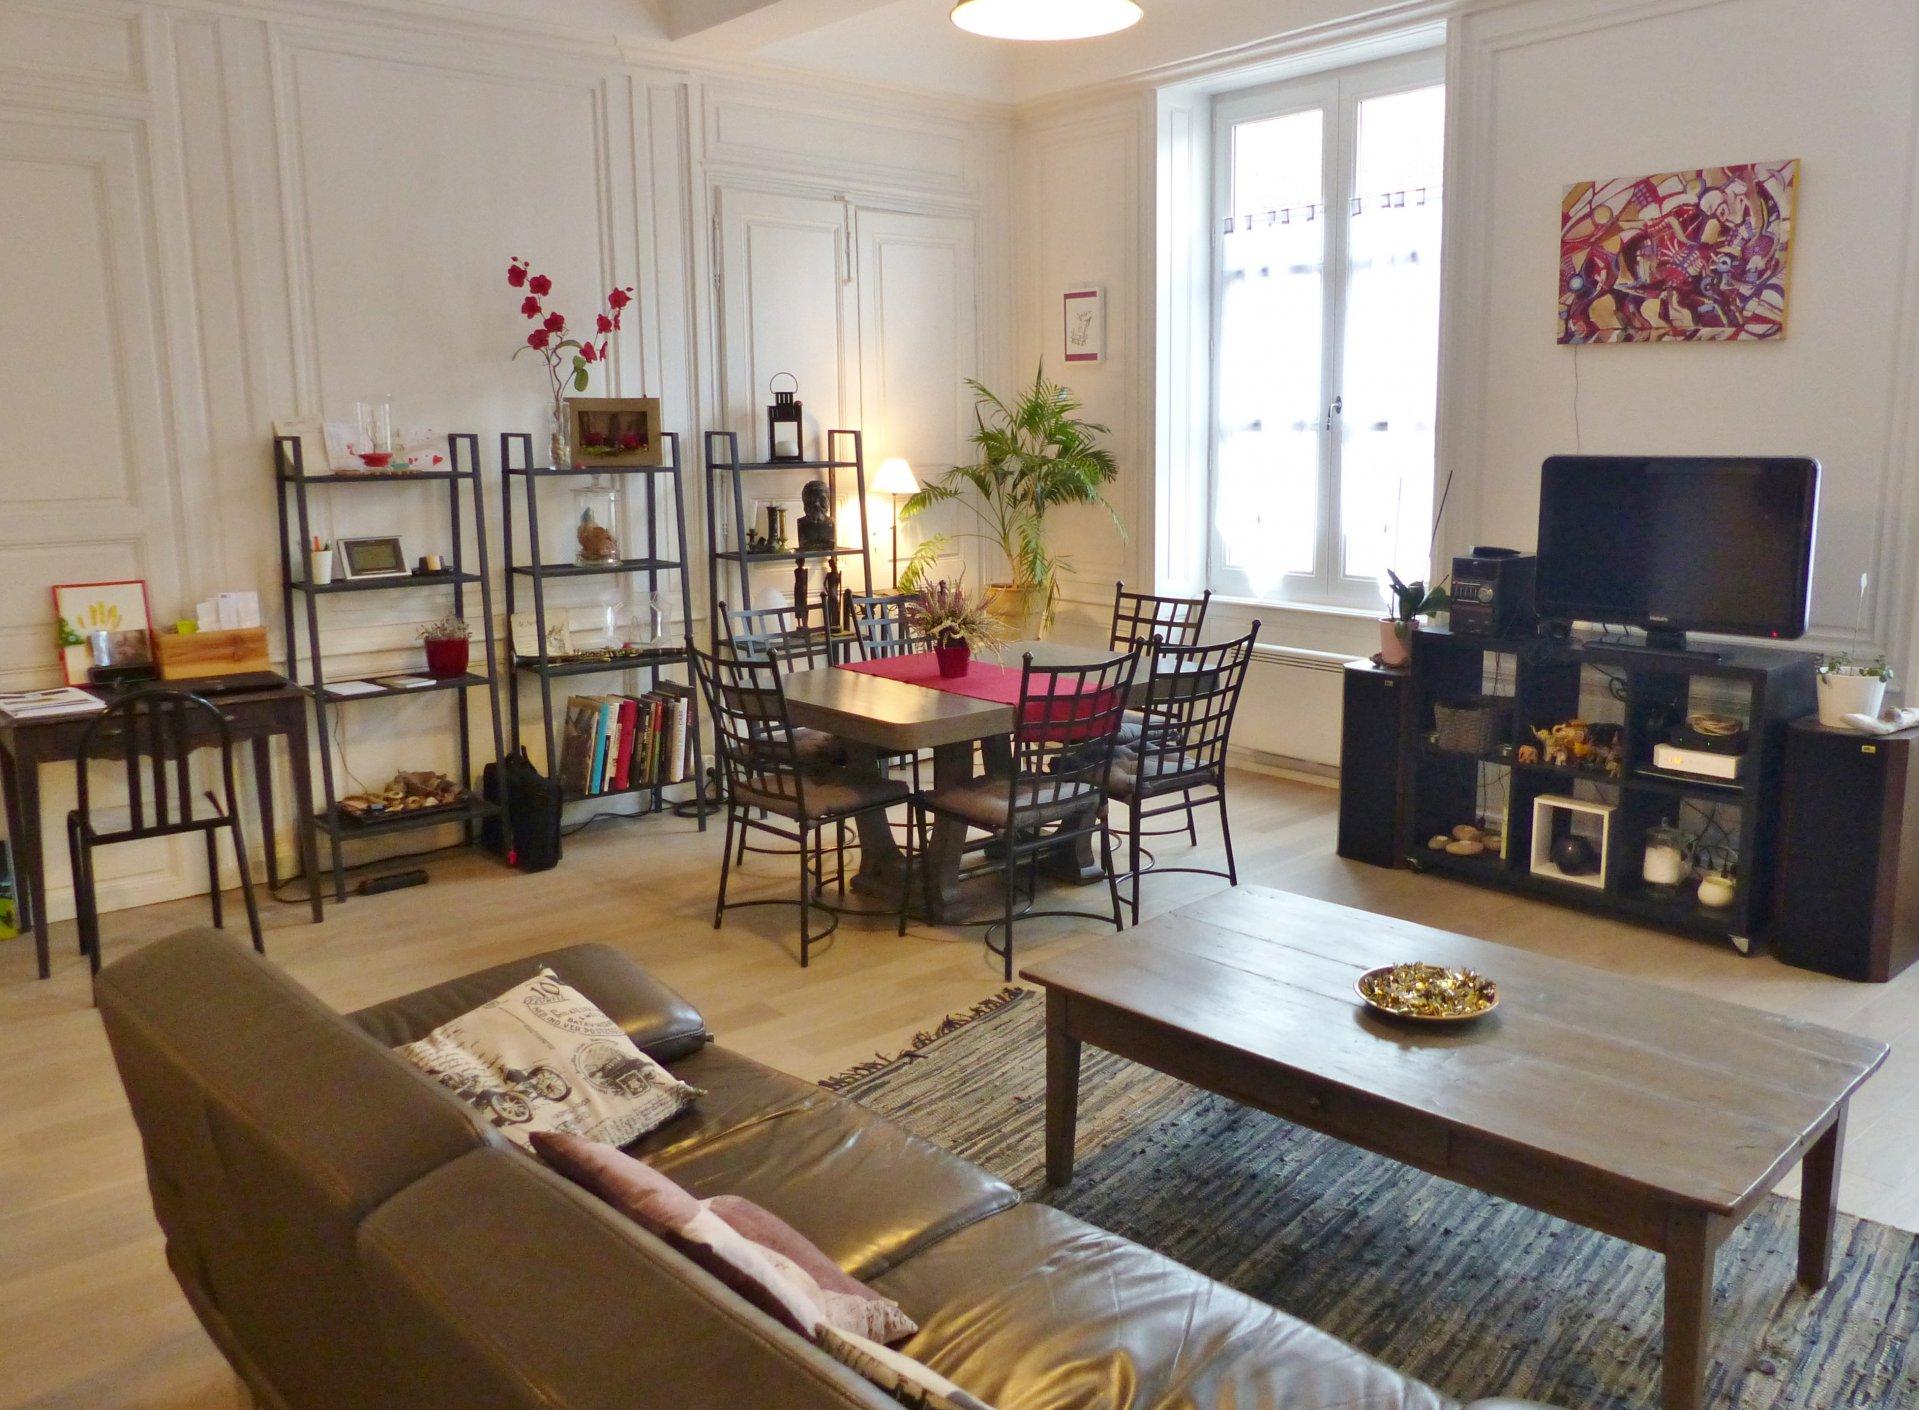 Ne manquant pas de charme cet appartement de 117 m² environ offre un très beau séjour de plus de 30 m² avec une belle hauteur sous plafond, des boiserie et cette agréable cheminée. Cette pièce est ouverte sur une cuisine très récente et parfaitement aménagée. Un couloir vous mènera ensuite à l'espace nuit composé de 2 chambres (12 et 14 m²), un dressing, un bureau et une buanderie. Bien soumis au régime de la copropriété : 6 lots. Charges courantes annuelles de 800 ?. Taxe foncière de seulement 600 ?. Honoraires à la charge des vendeurs.